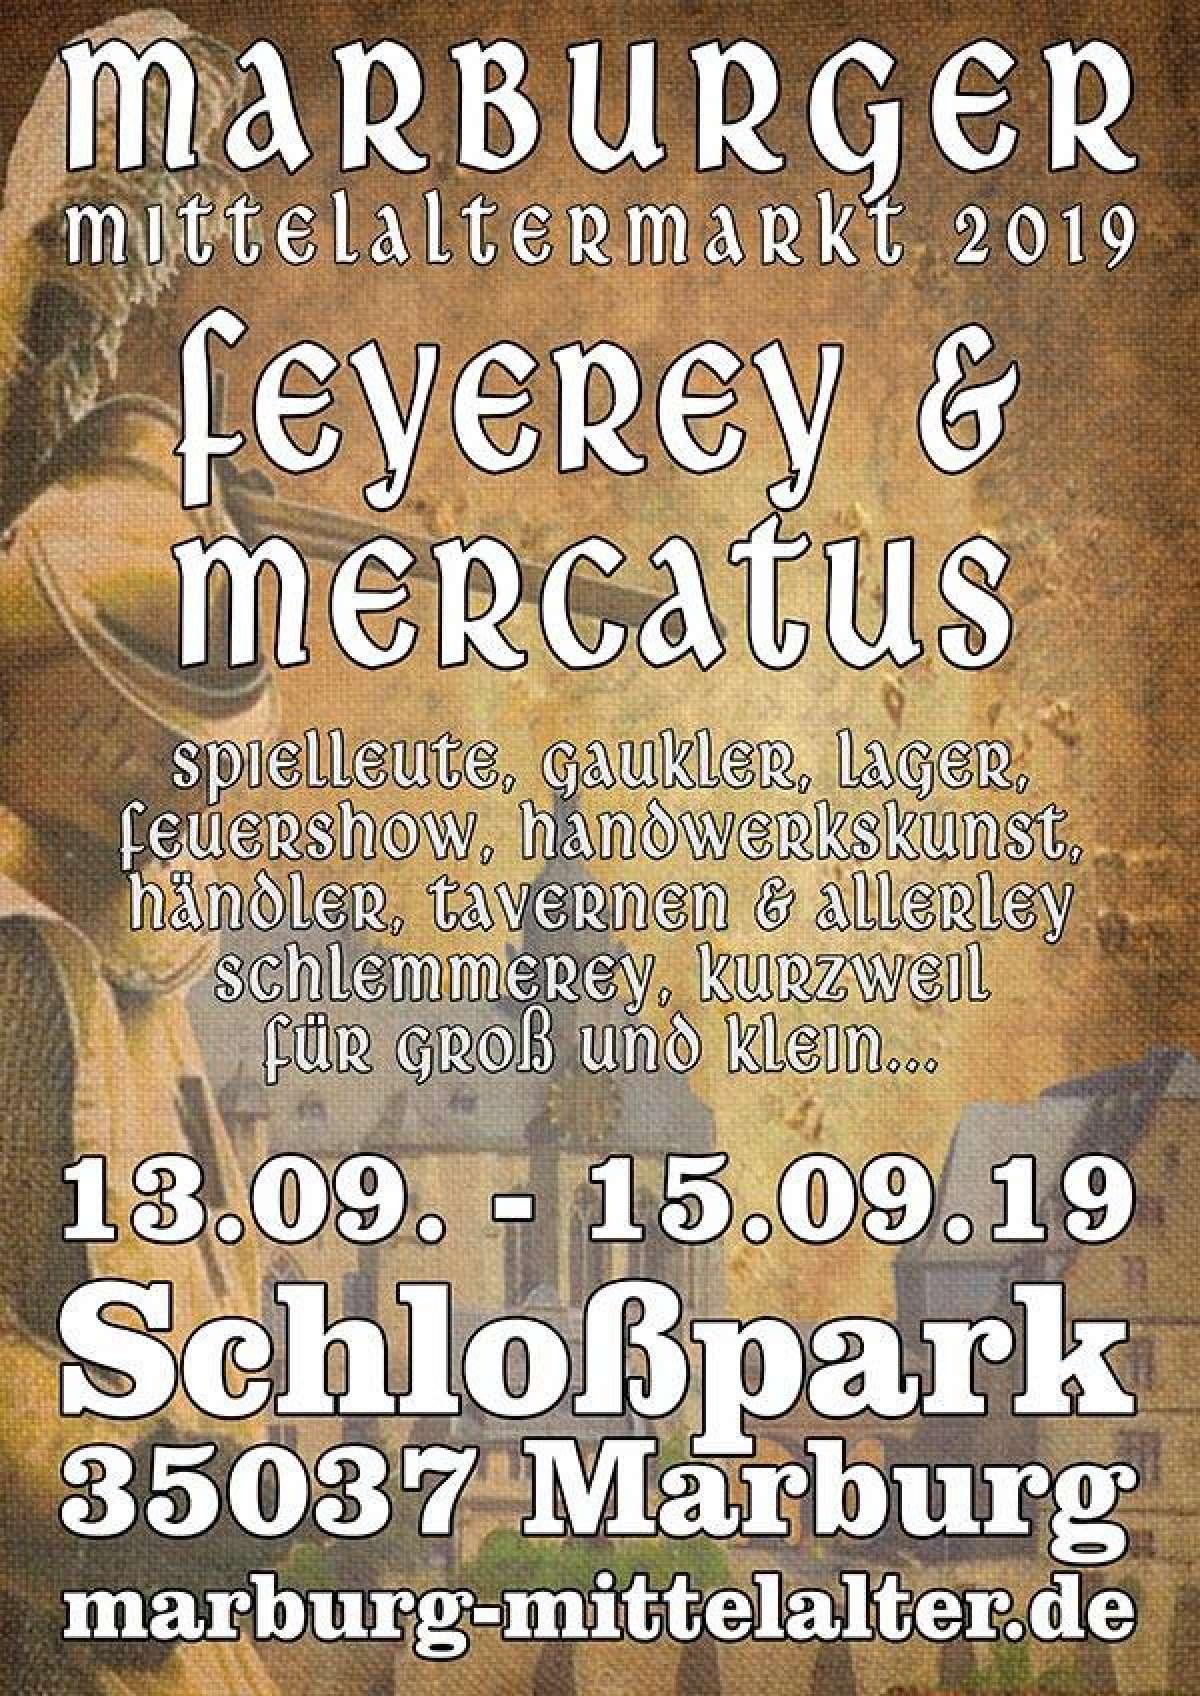 Marburger Mittelaltermarkt Feyerey & Mercatus - Schlosspark  - Marburg